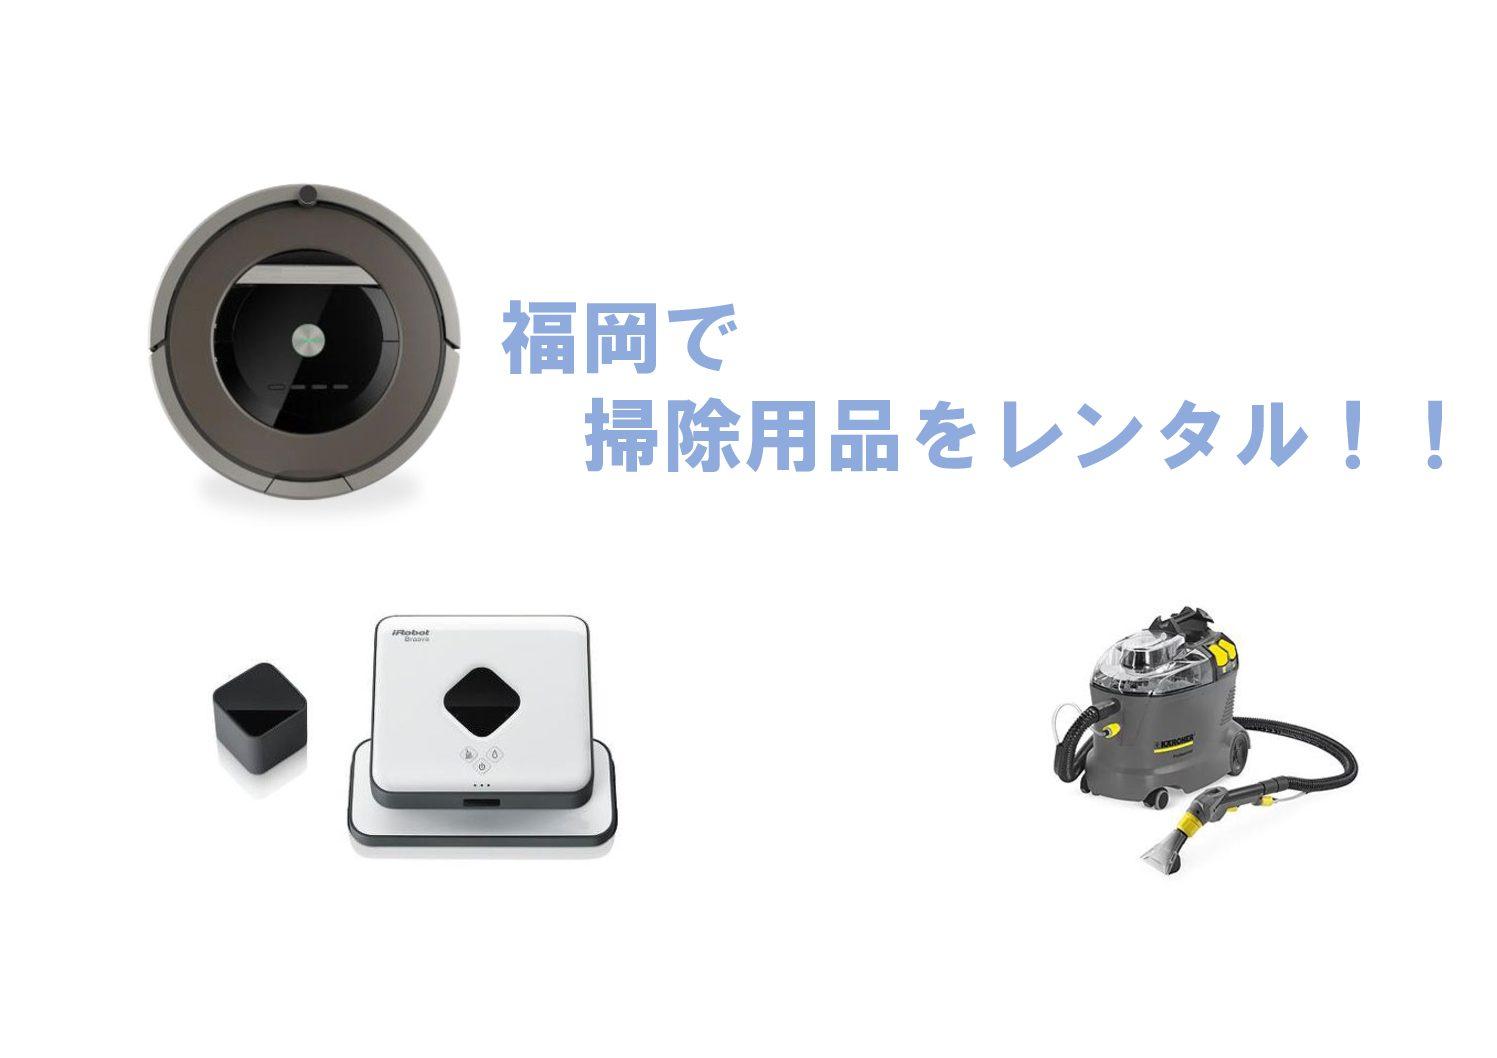 福岡で掃除用品をレンタルしたい方へ!